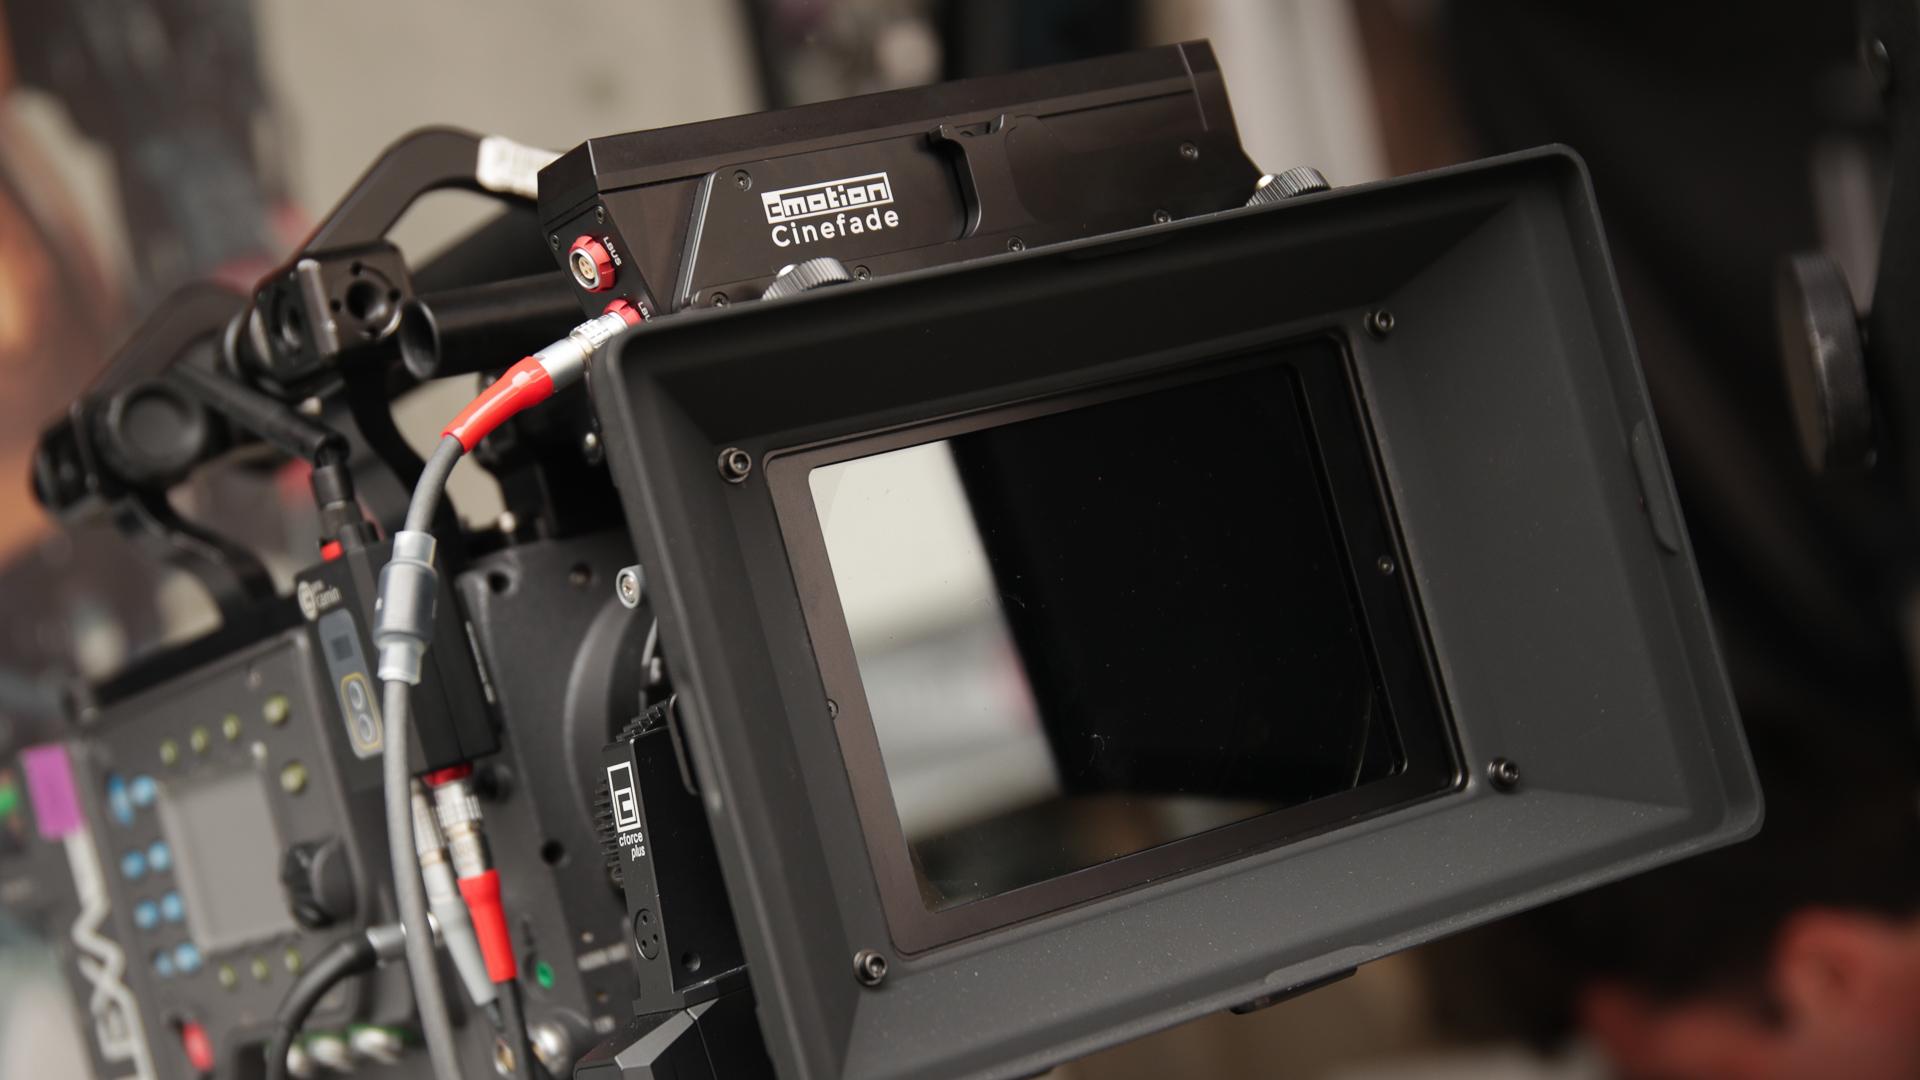 Sistema Cinefade VariND - Demostración práctica